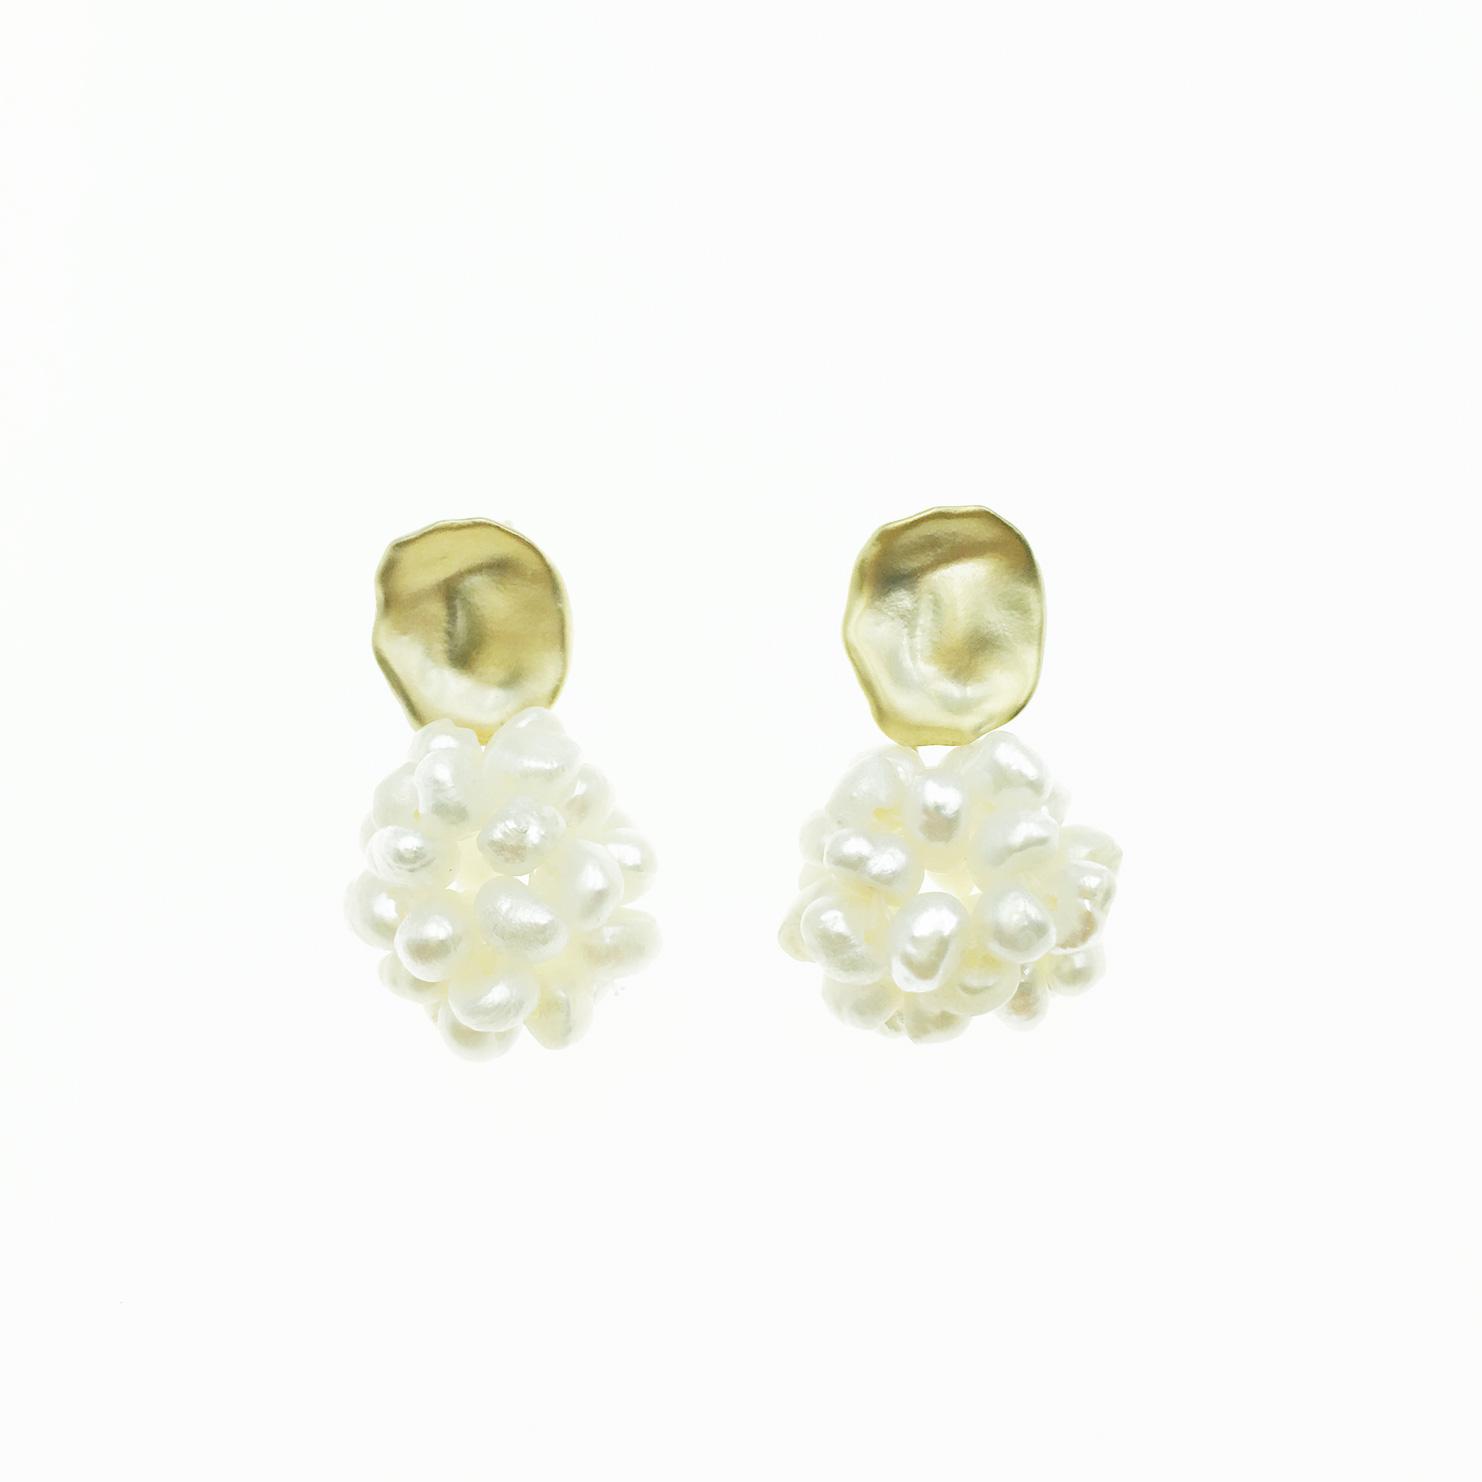 韓國 925純銀 造型珍珠 圓球 圓形 球狀 霧面 耳針式 耳環